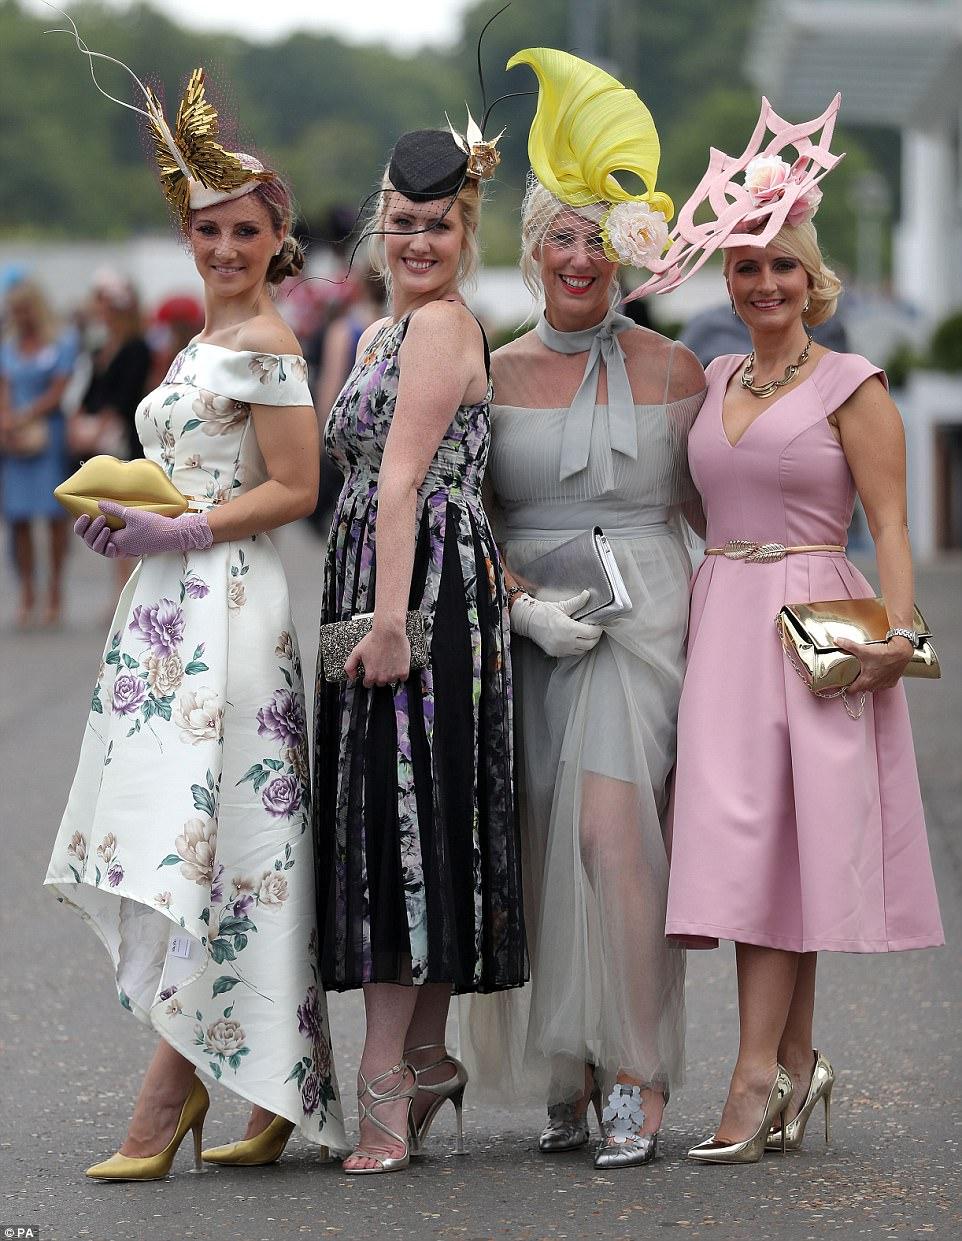 Empreendimentos de estilo: estas quatro senhoras estavam sem dúvida esperando chegar ao final da competição mais bem vestida e puxaram todas as paradas do sartorial em sua busca para fazê-lo